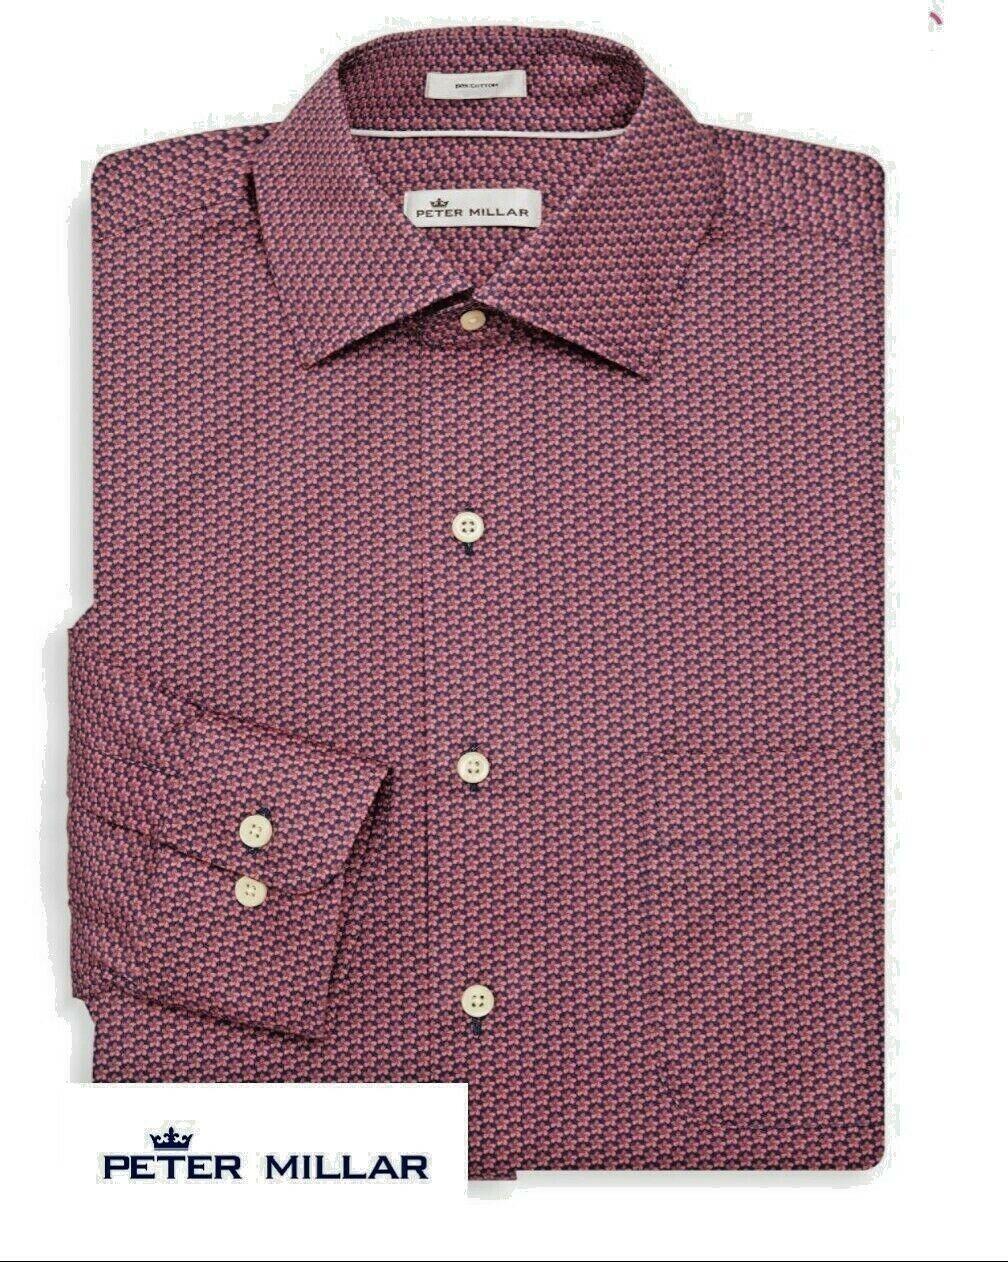 Peter Millar Men's Aloha Floral Print Dress Shirt color - Atlantic B Size Medium